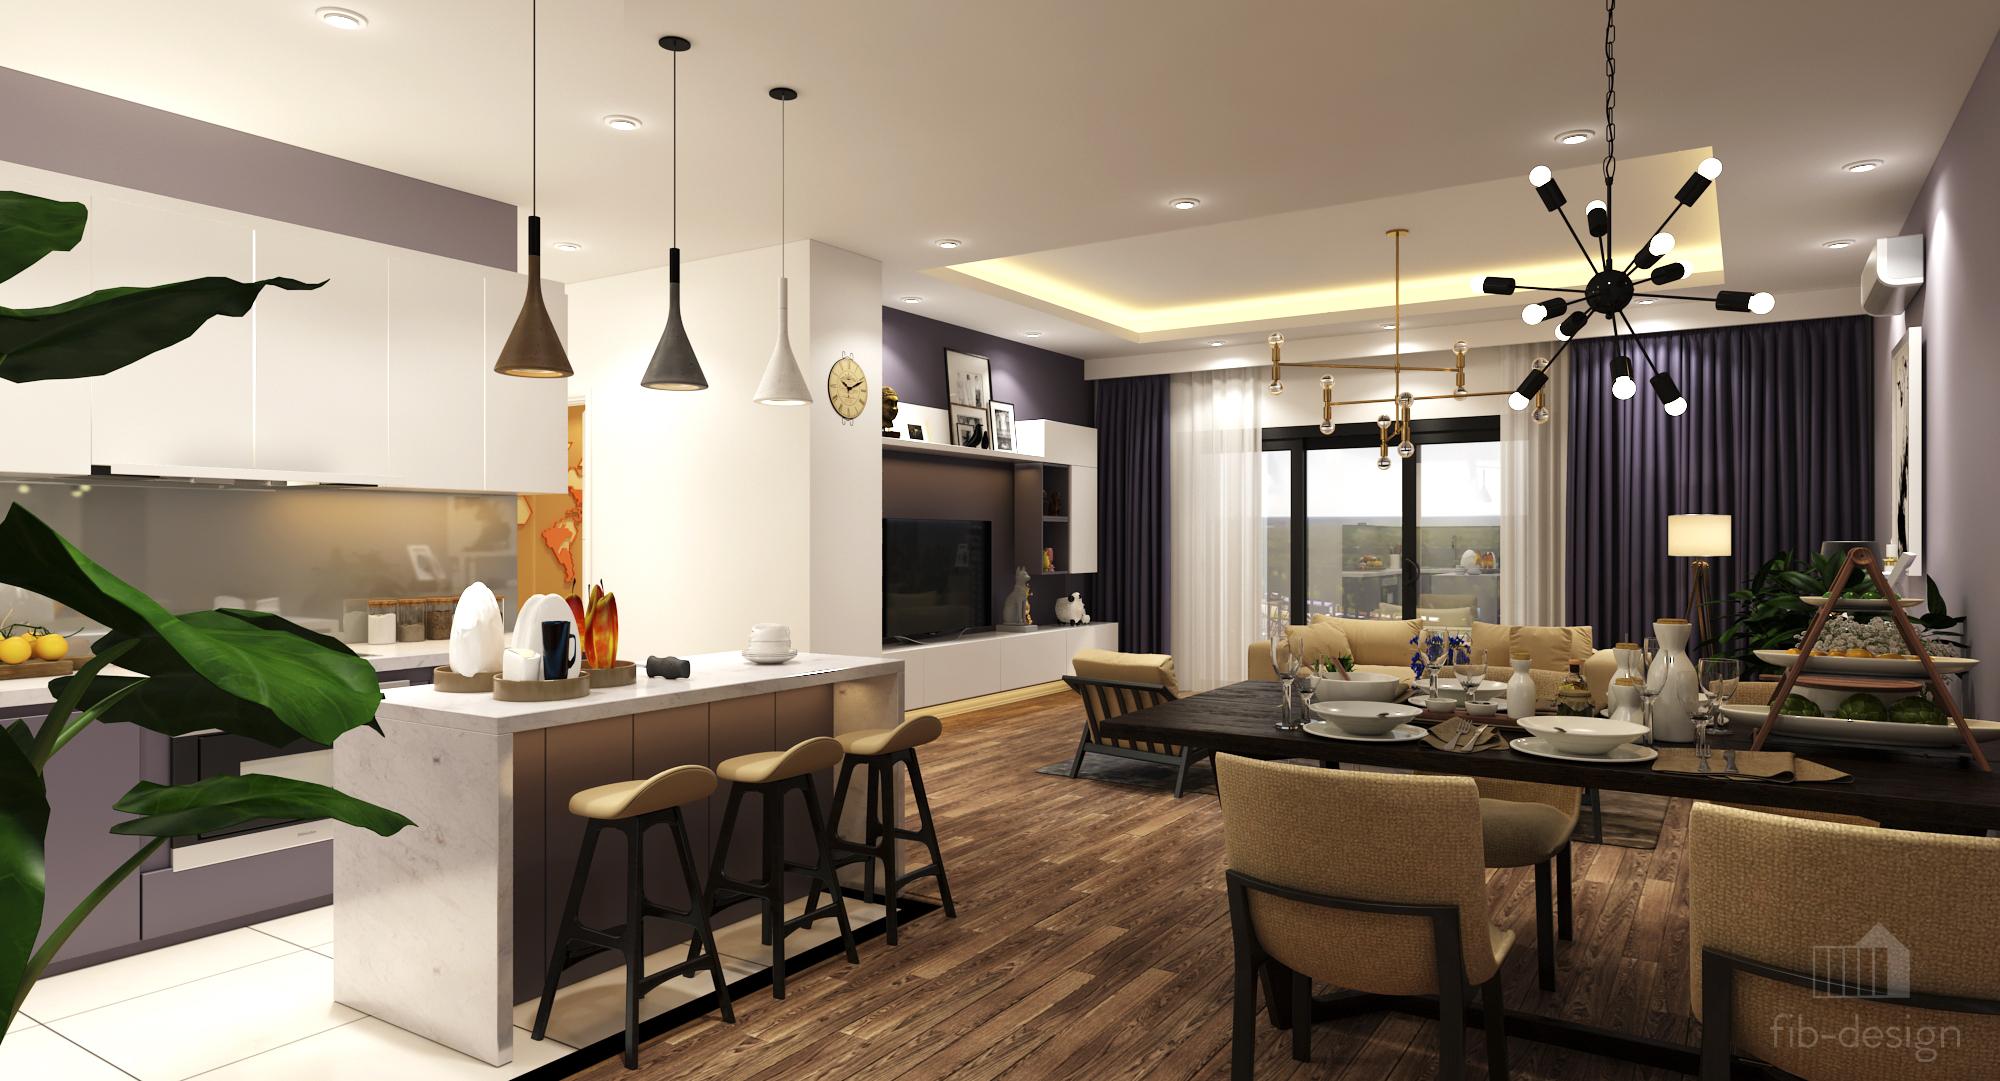 thiết kế nội thất chung cư tại Hà Nội P714 Chung cư GOLDSiLK 9 1544083442